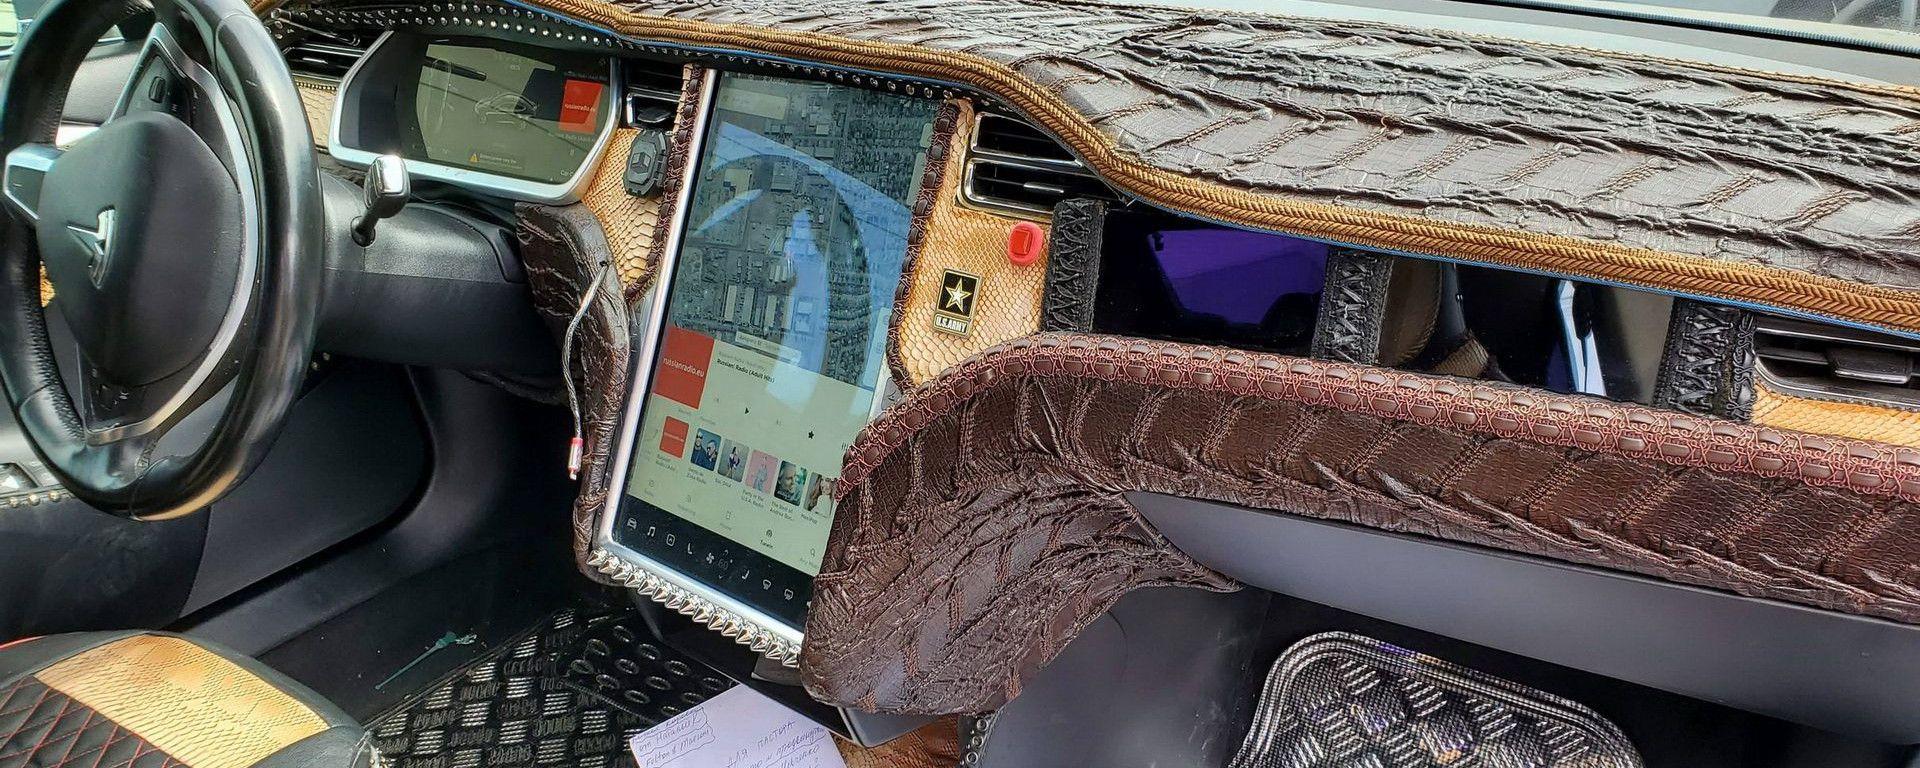 Tesla Model S: interni in pelle di coccodrillo